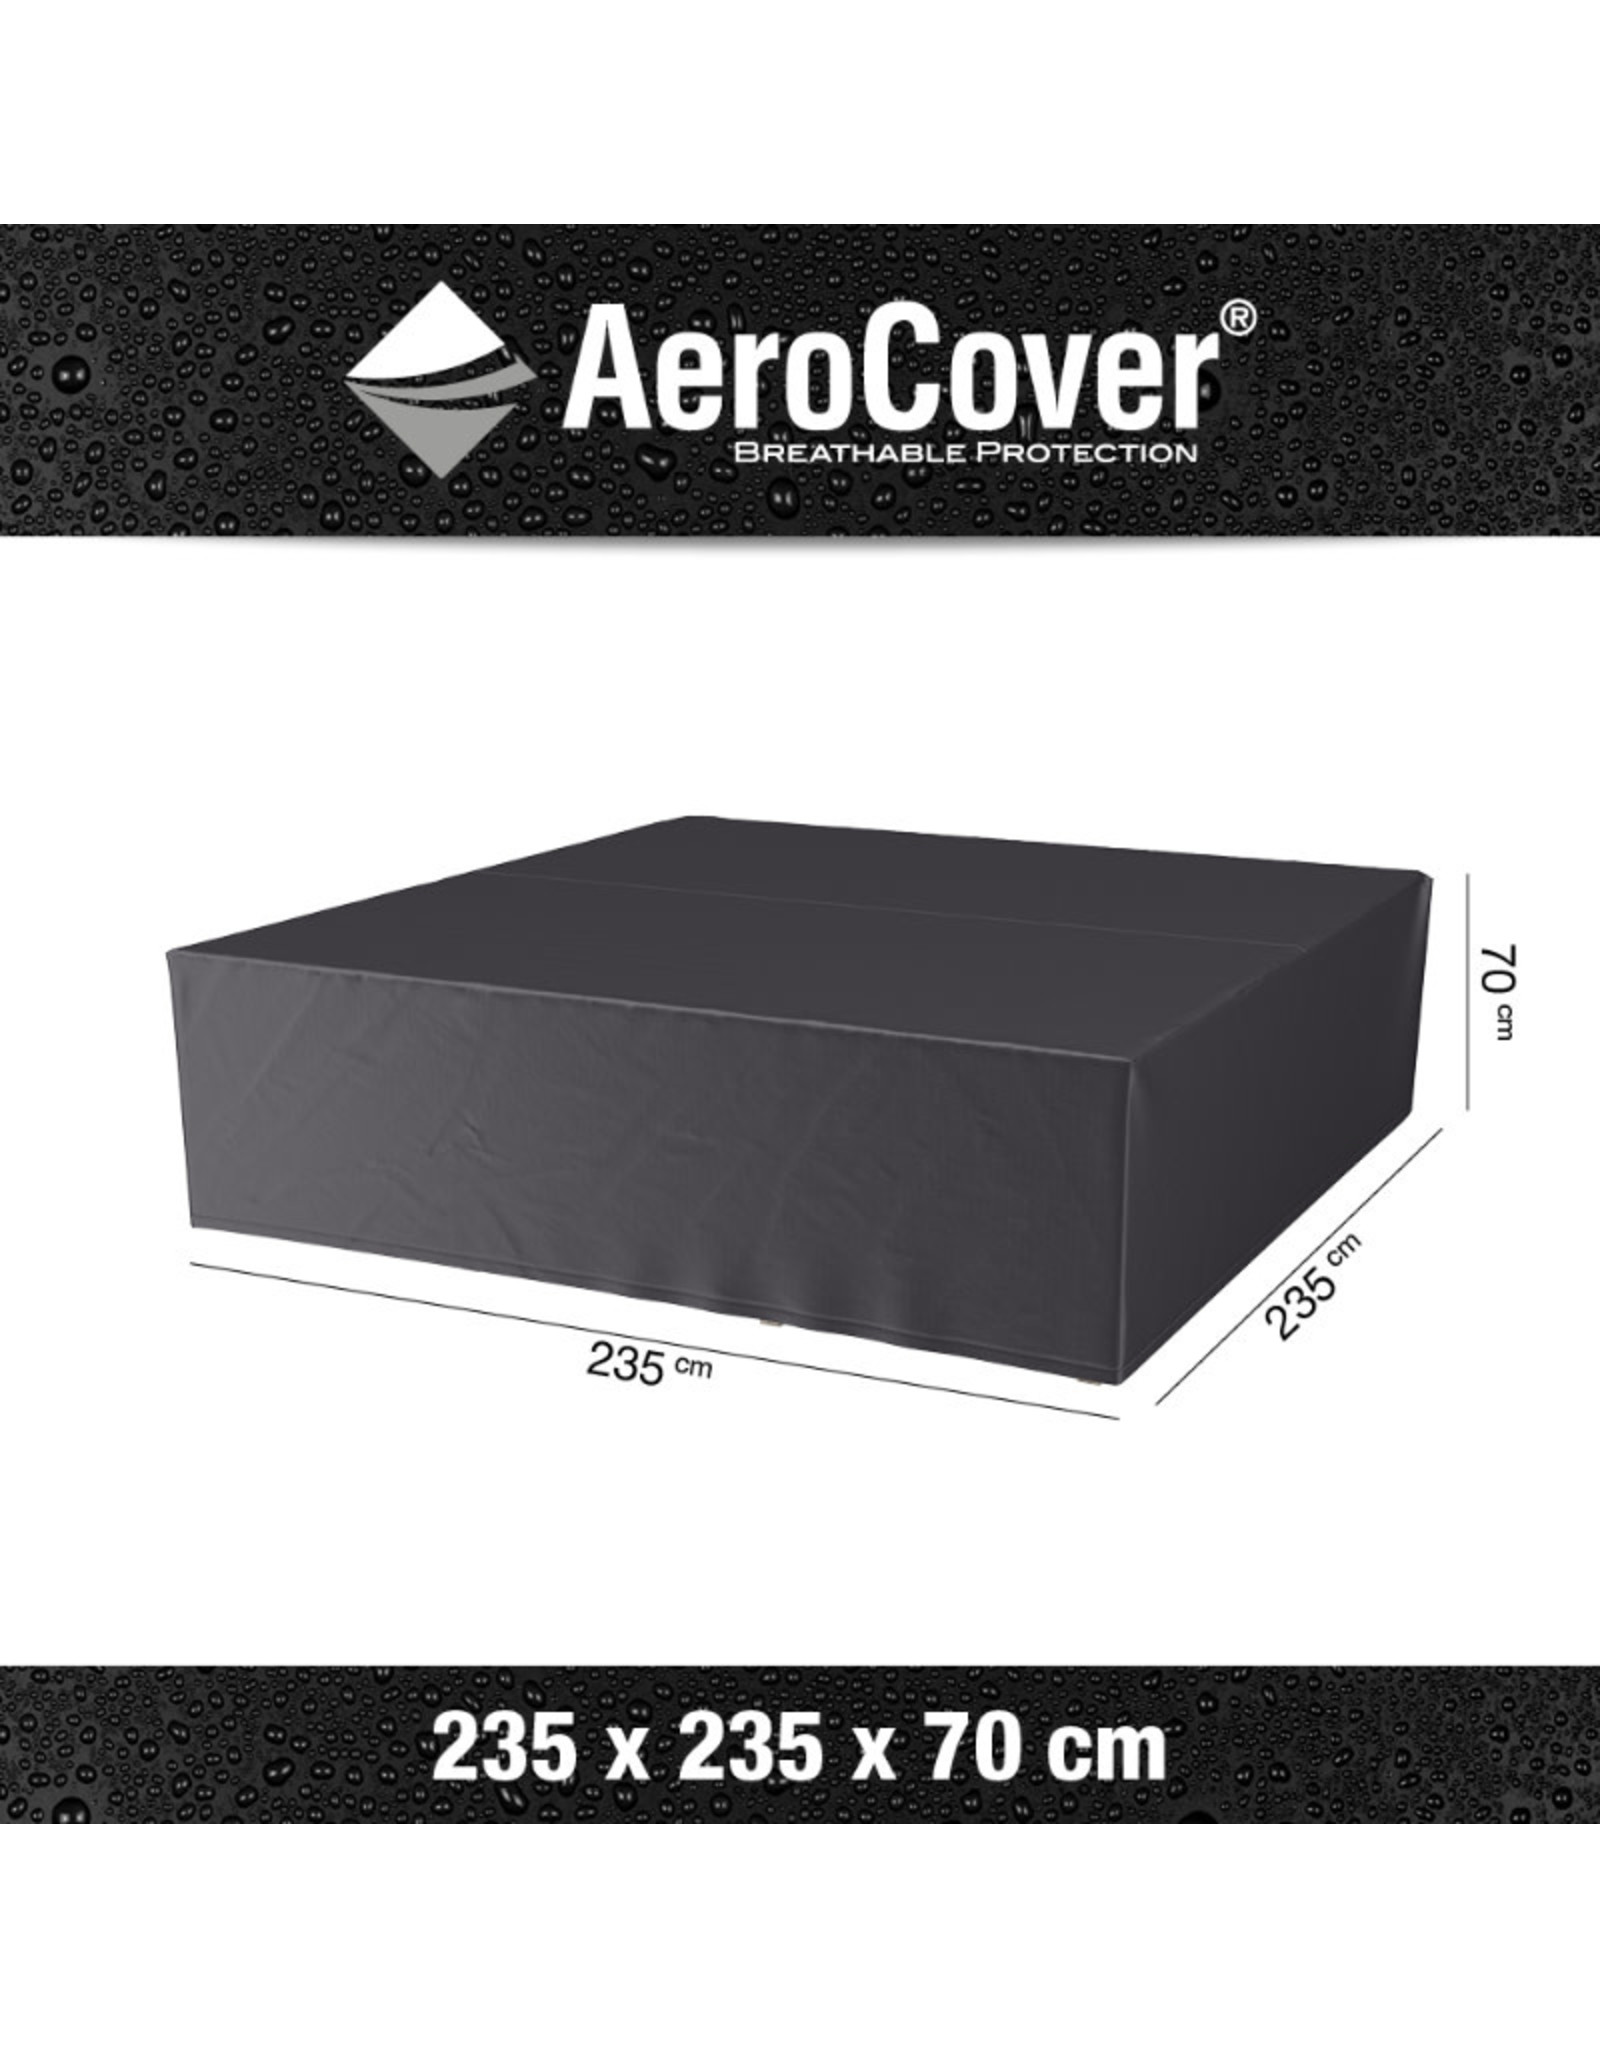 Aerocover AeroCover Loungesethoes 235x235xH70